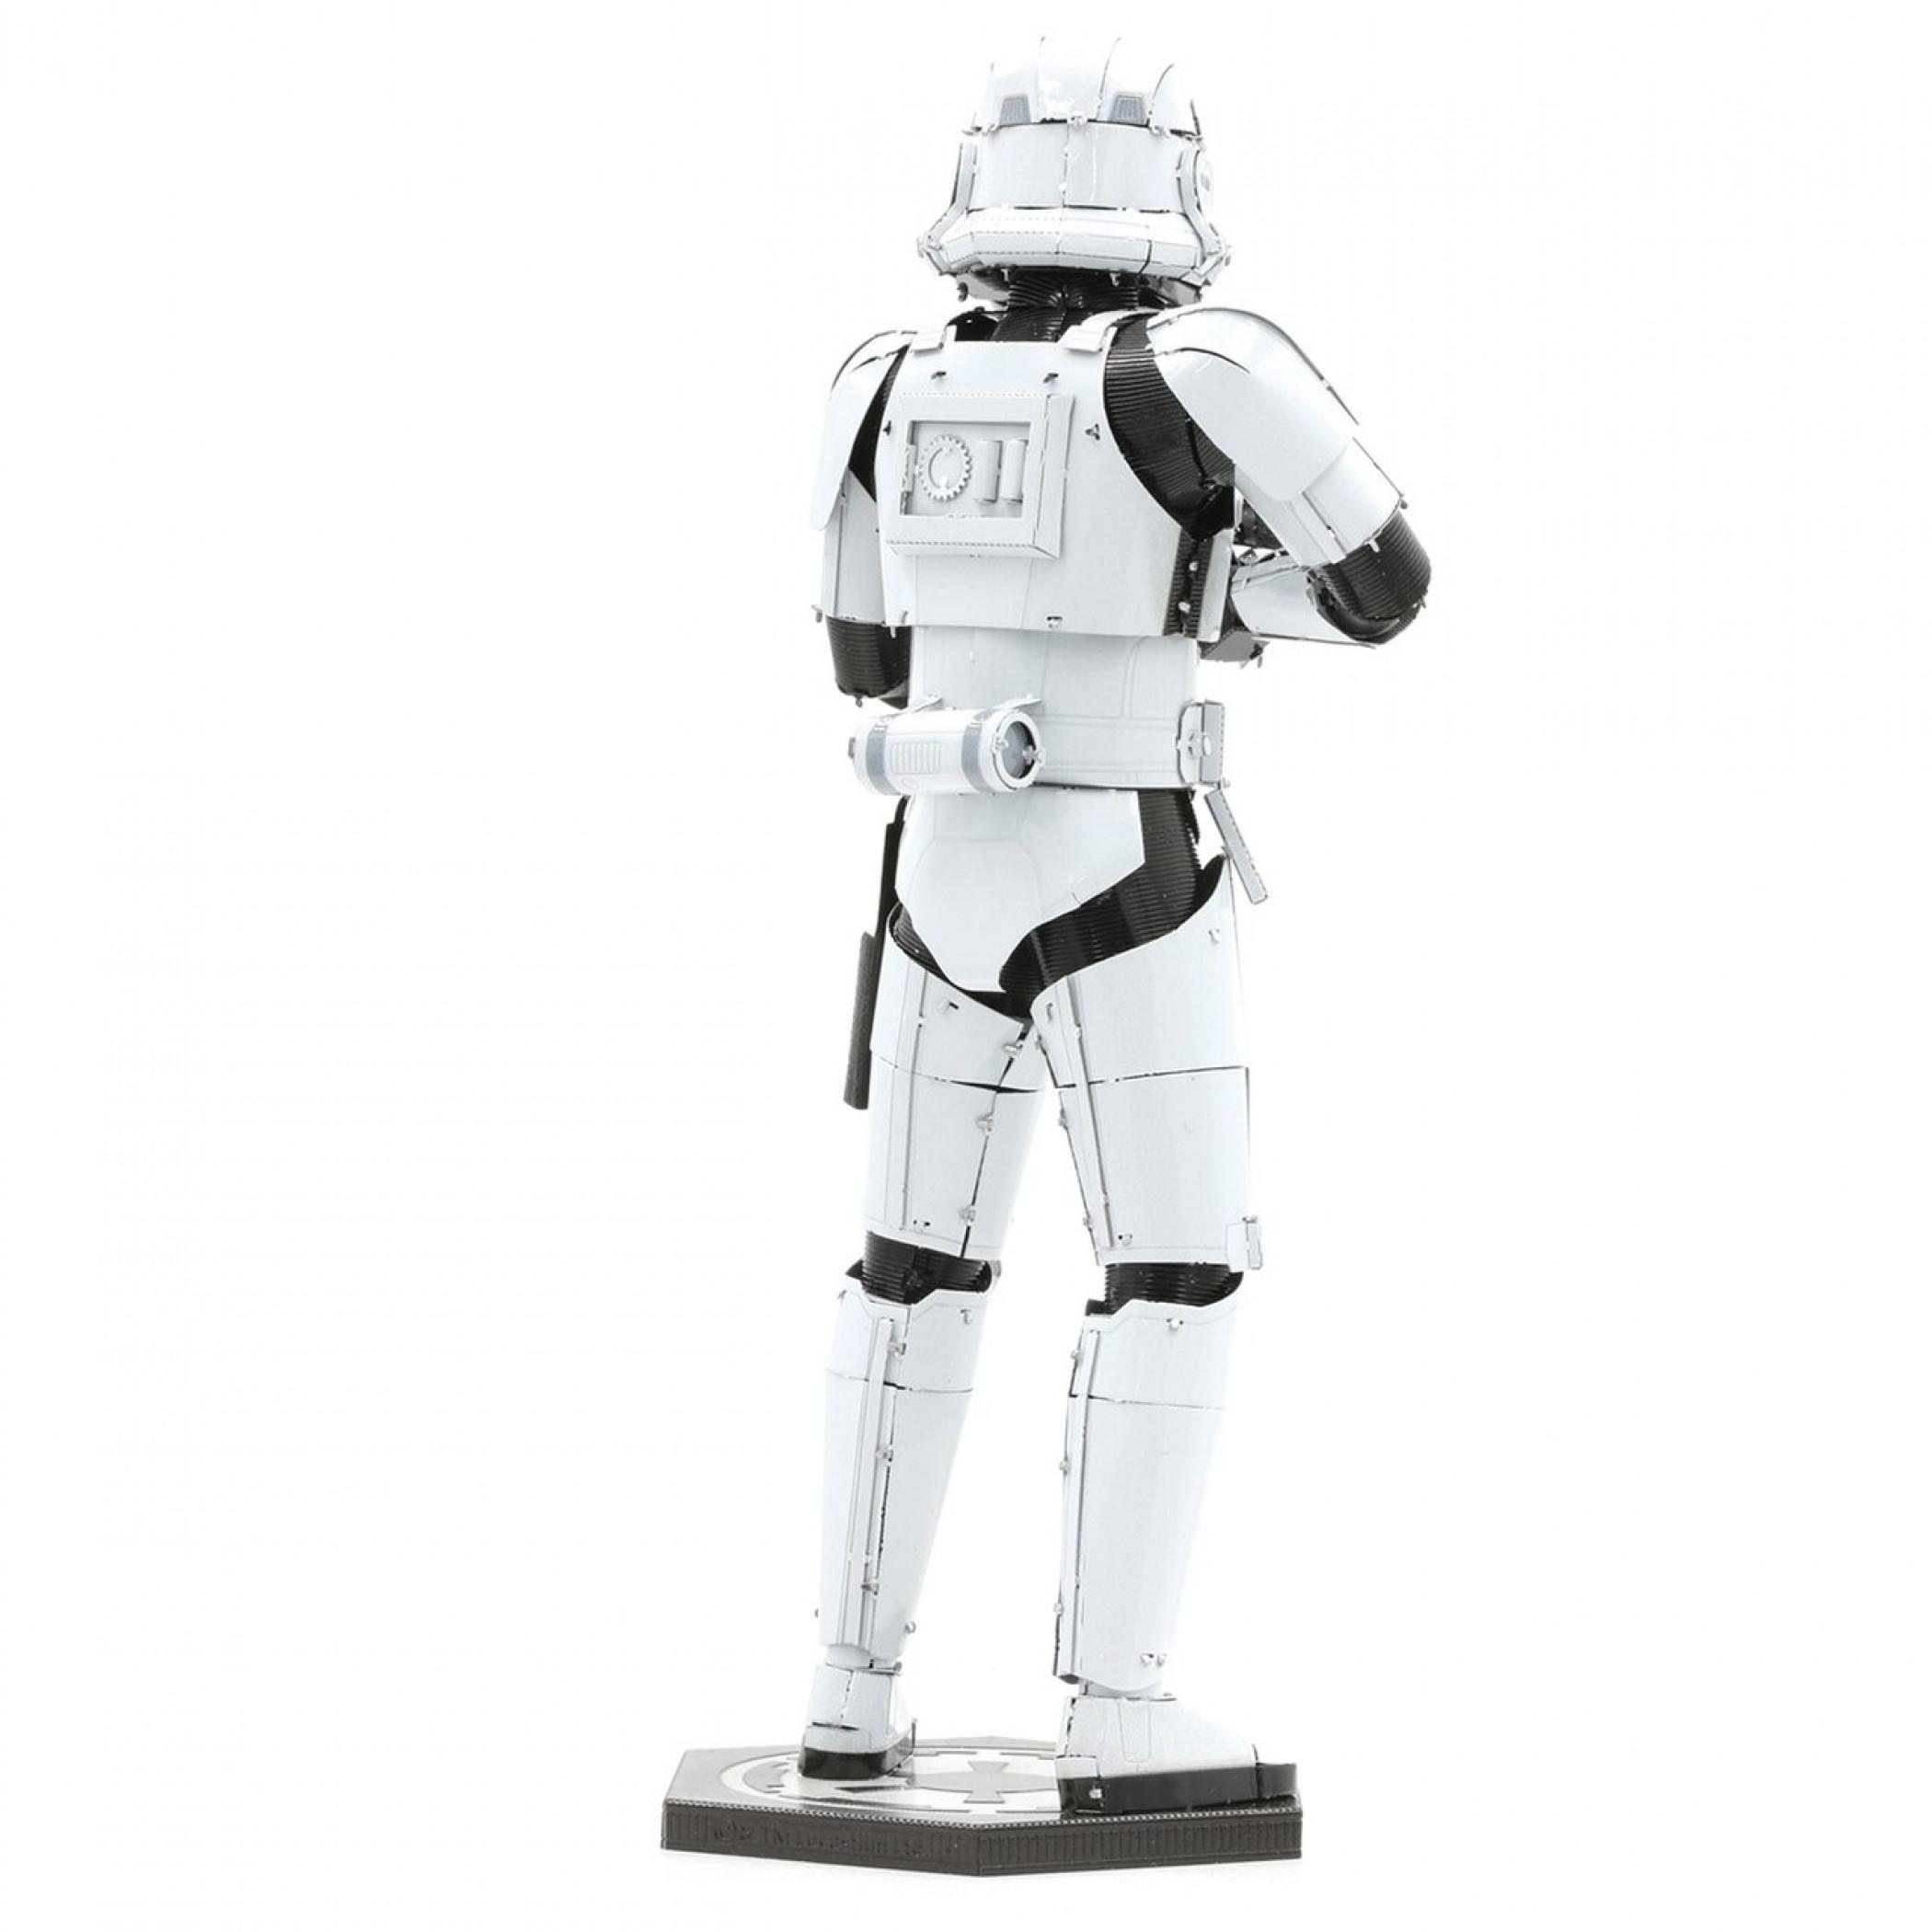 Star Wars Stormtrooper Character Premium 3D Metal Earth Model Kit